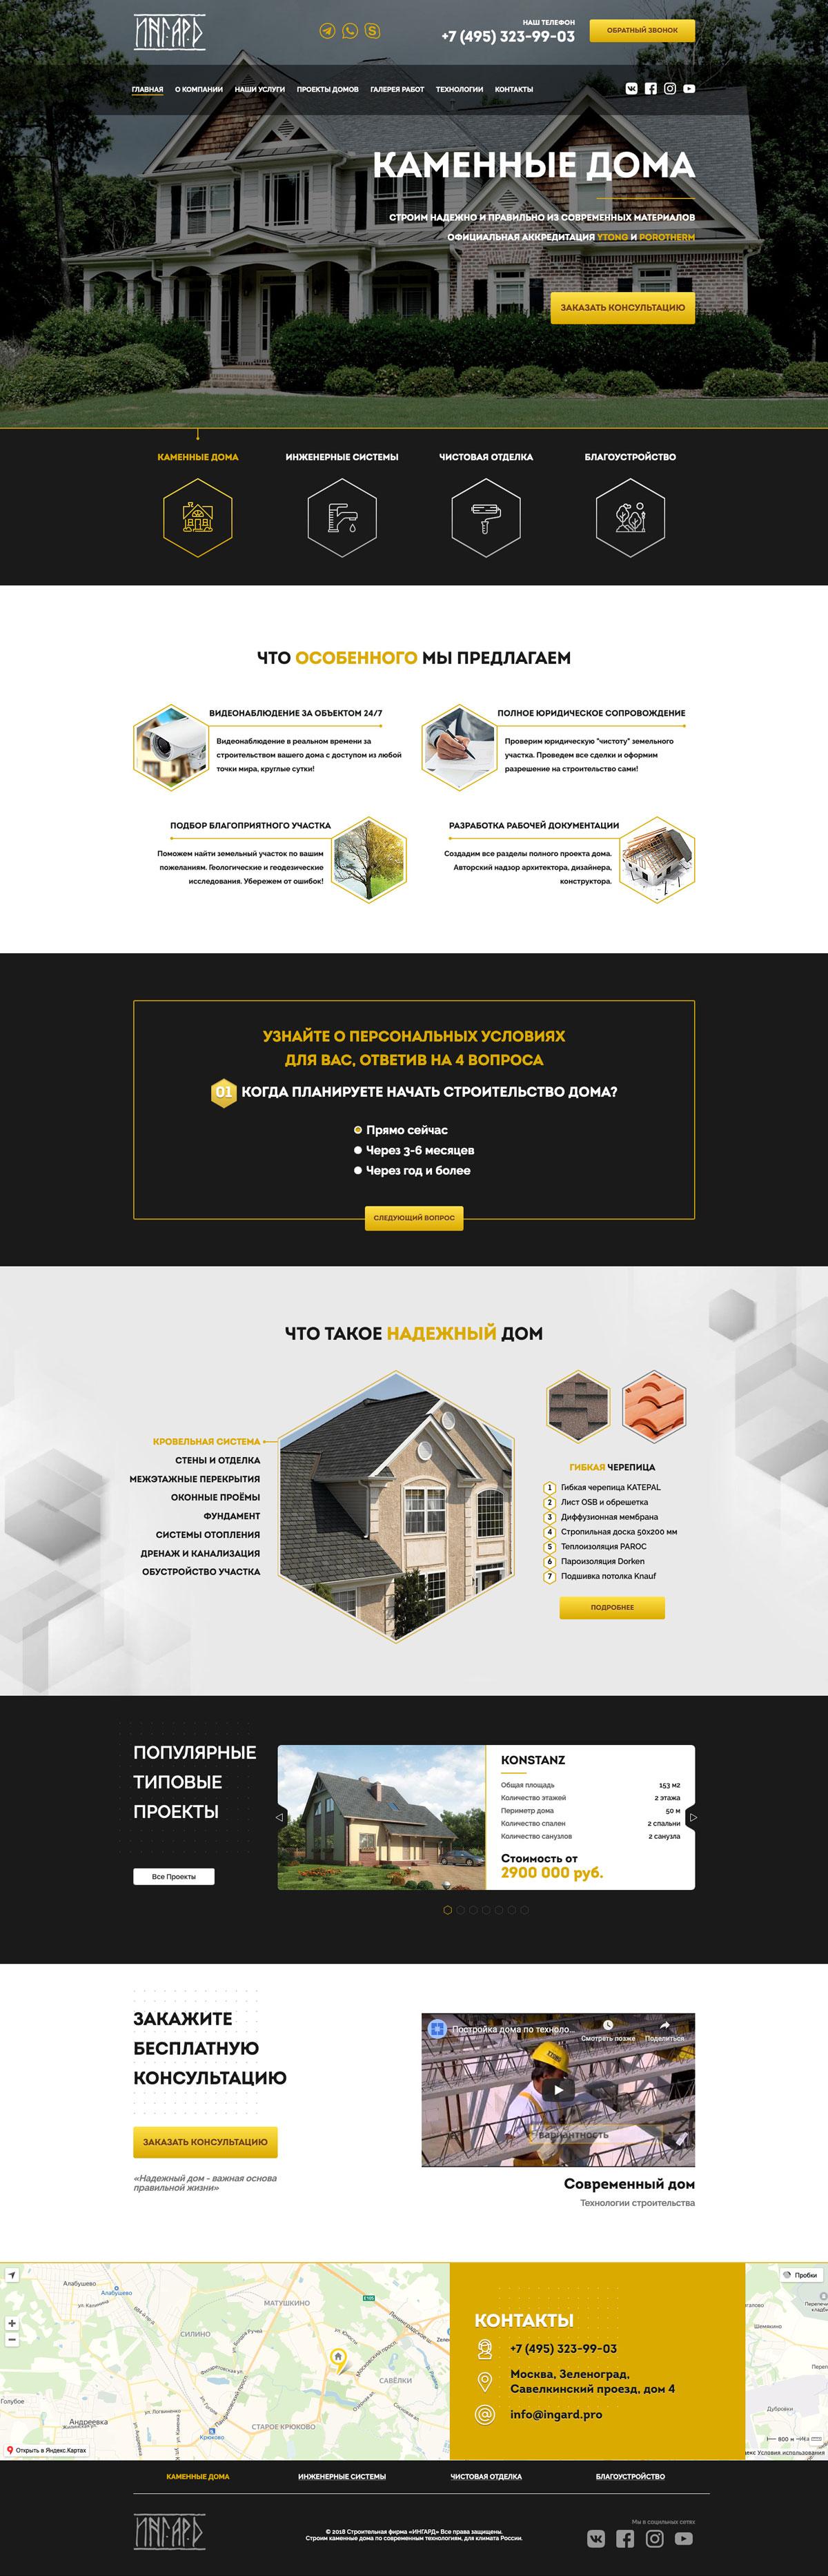 Строительство домов из камня от компании ИНГАРД